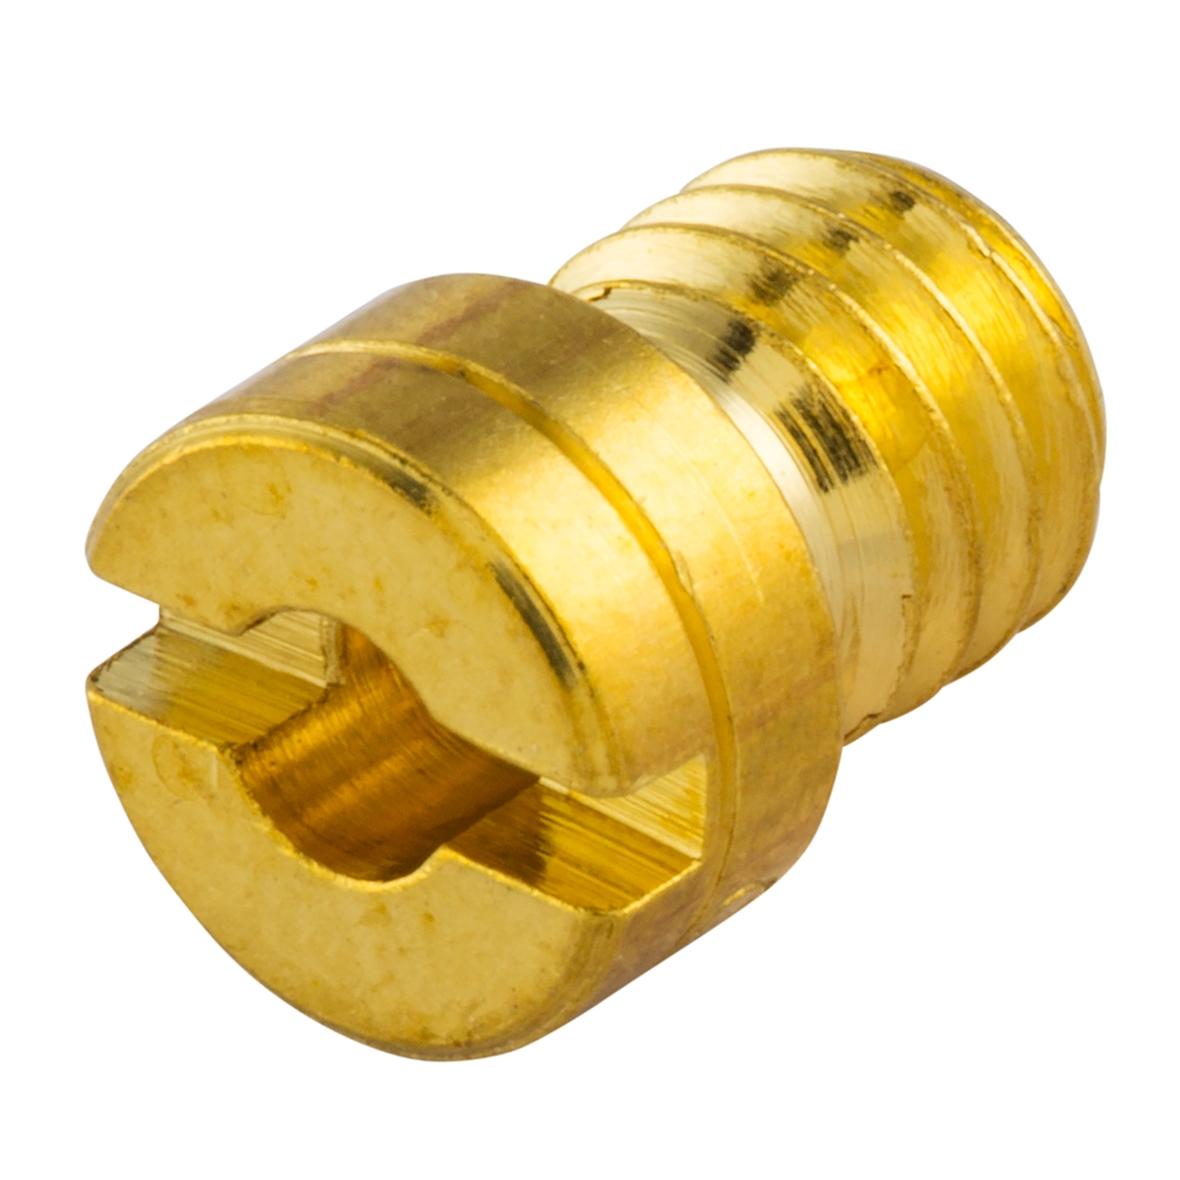 Produktbild für 'Hauptdüse 78 Ø 5 mm'